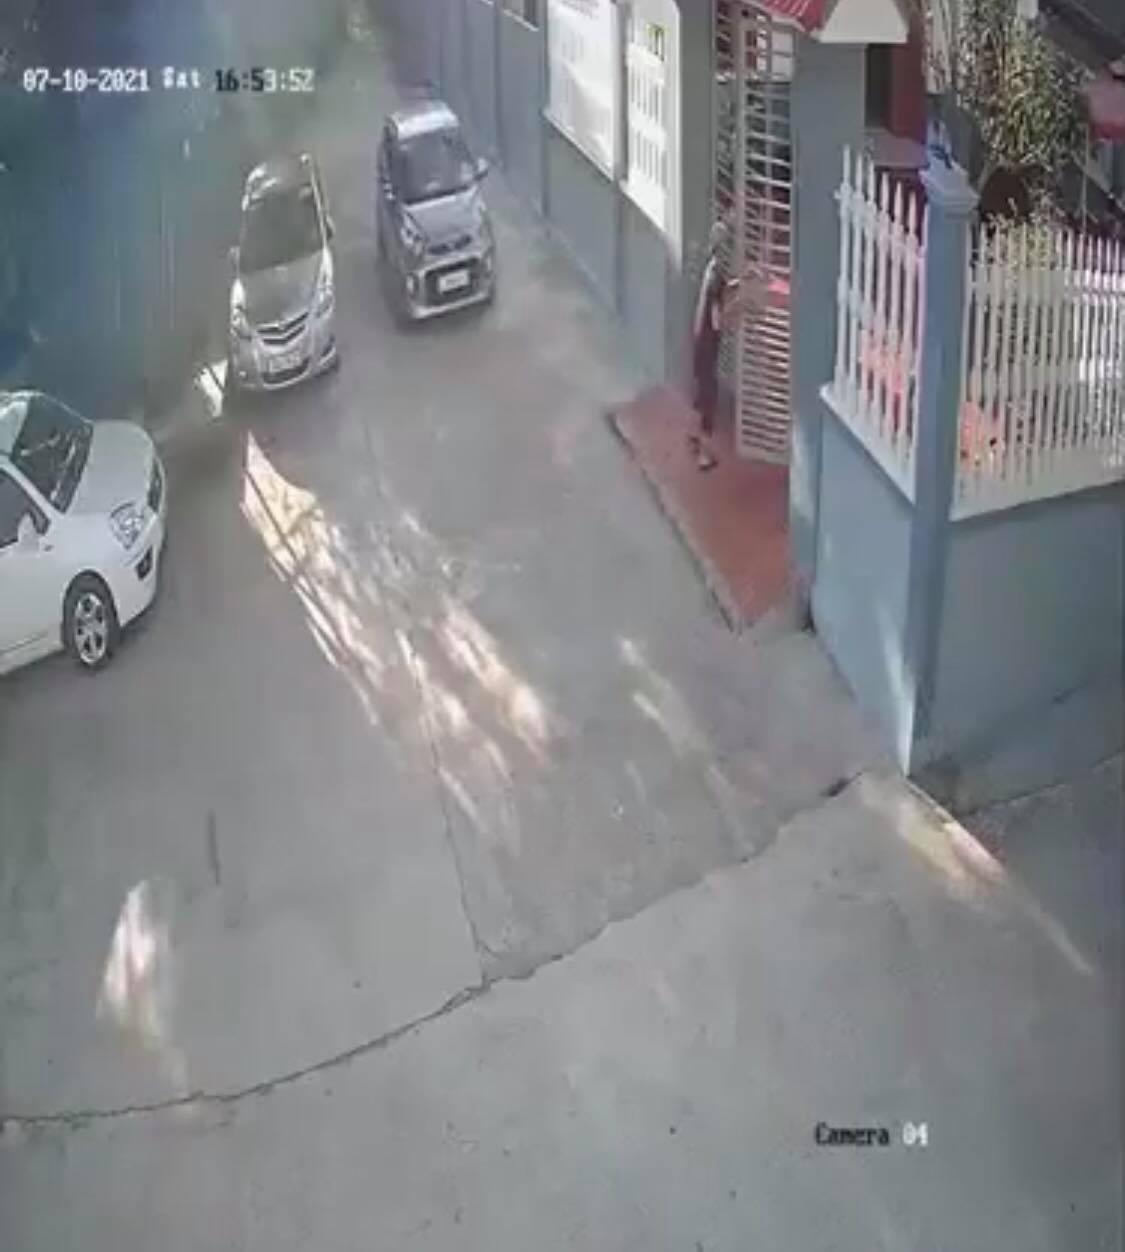 Rơi trúng 'điểm mù', người phụ nữ lộn vòng trước đầu ôtô khiến ai nấy khiếp vía và cái kết bất ngờ - Ảnh 3